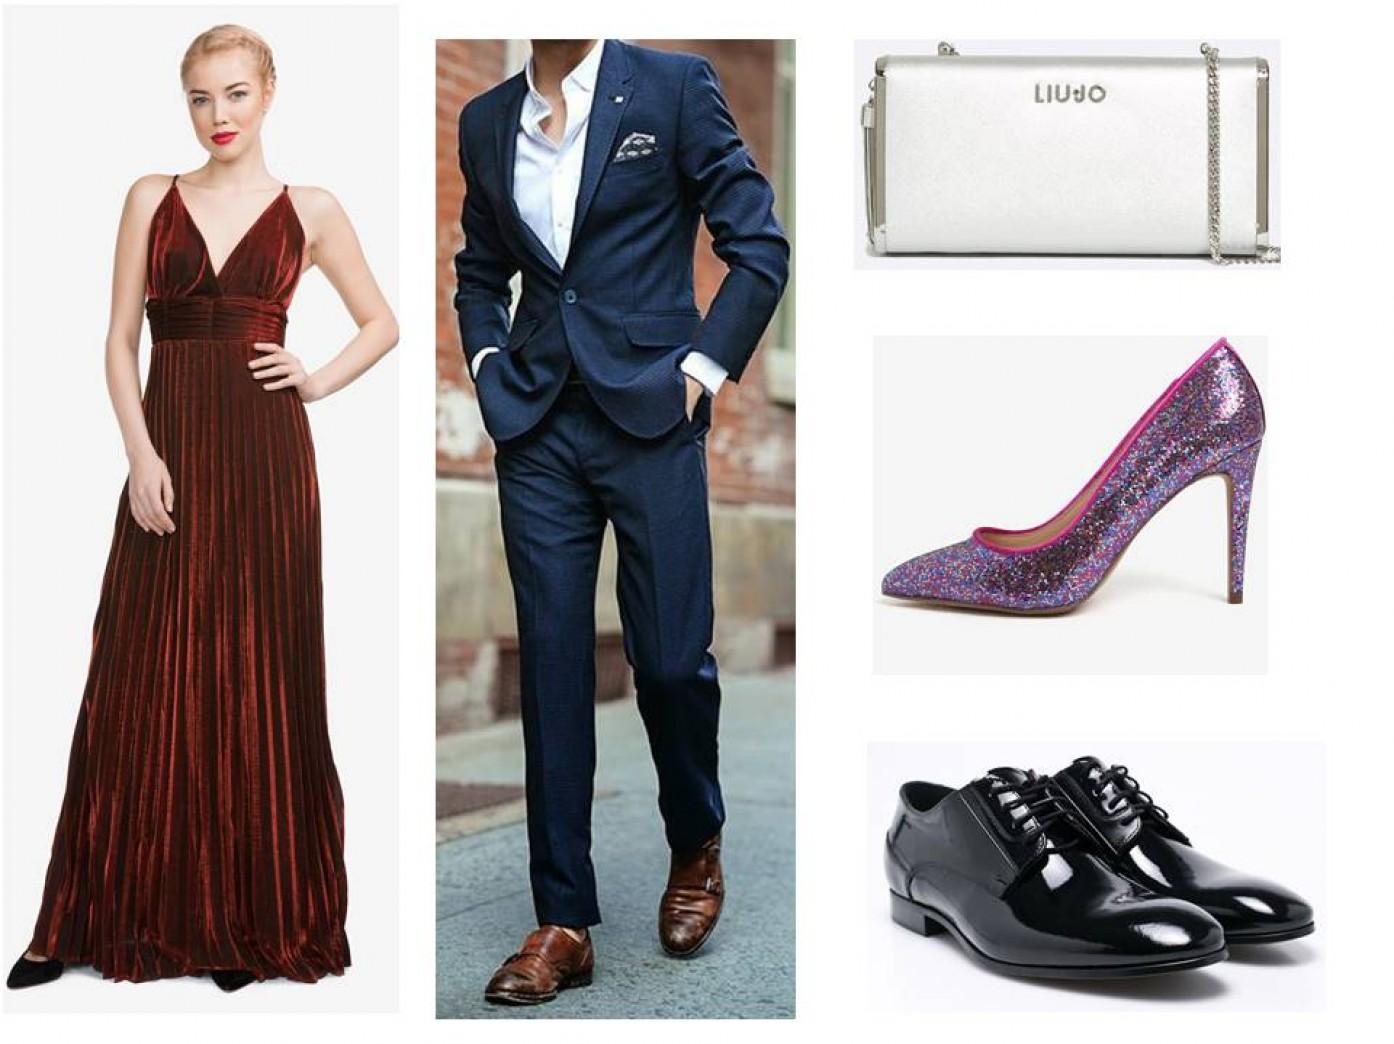 7f277bd4c57f Dress code aneb co na sebe kdy a kam - Osobní módní stylista